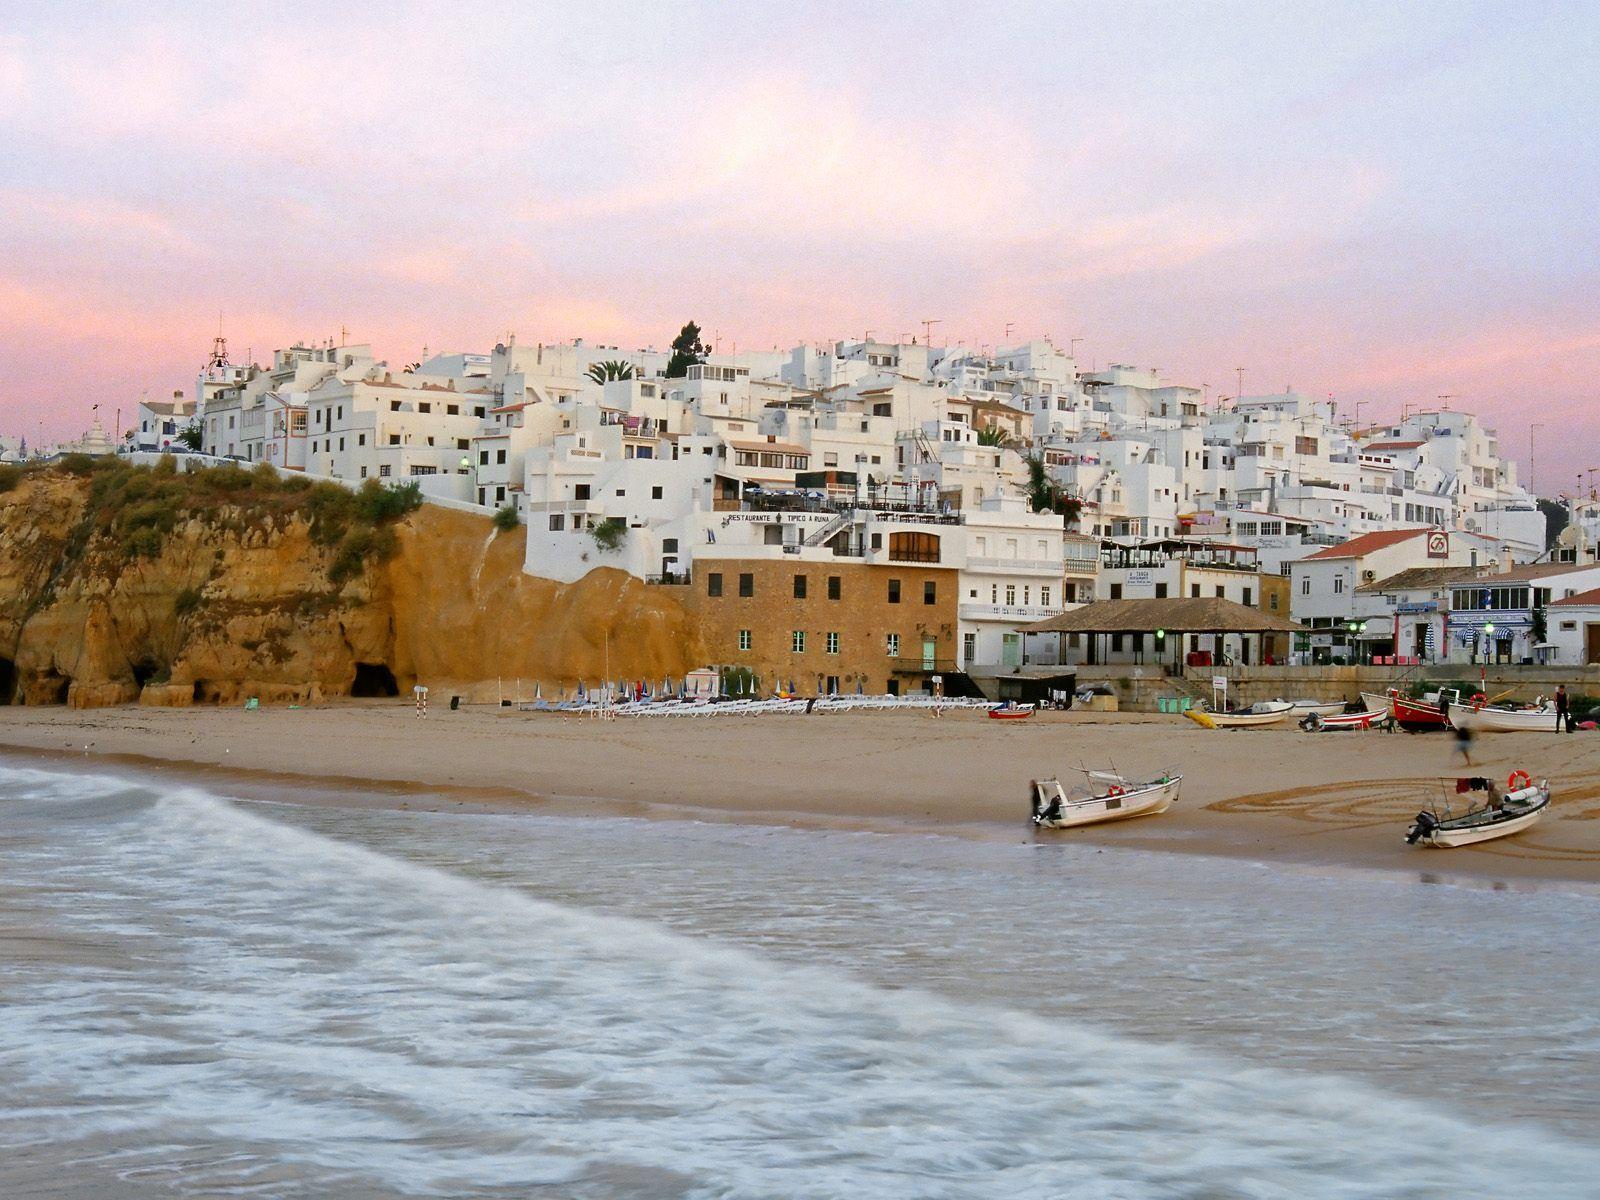 Kết quả hình ảnh cho Algarve City